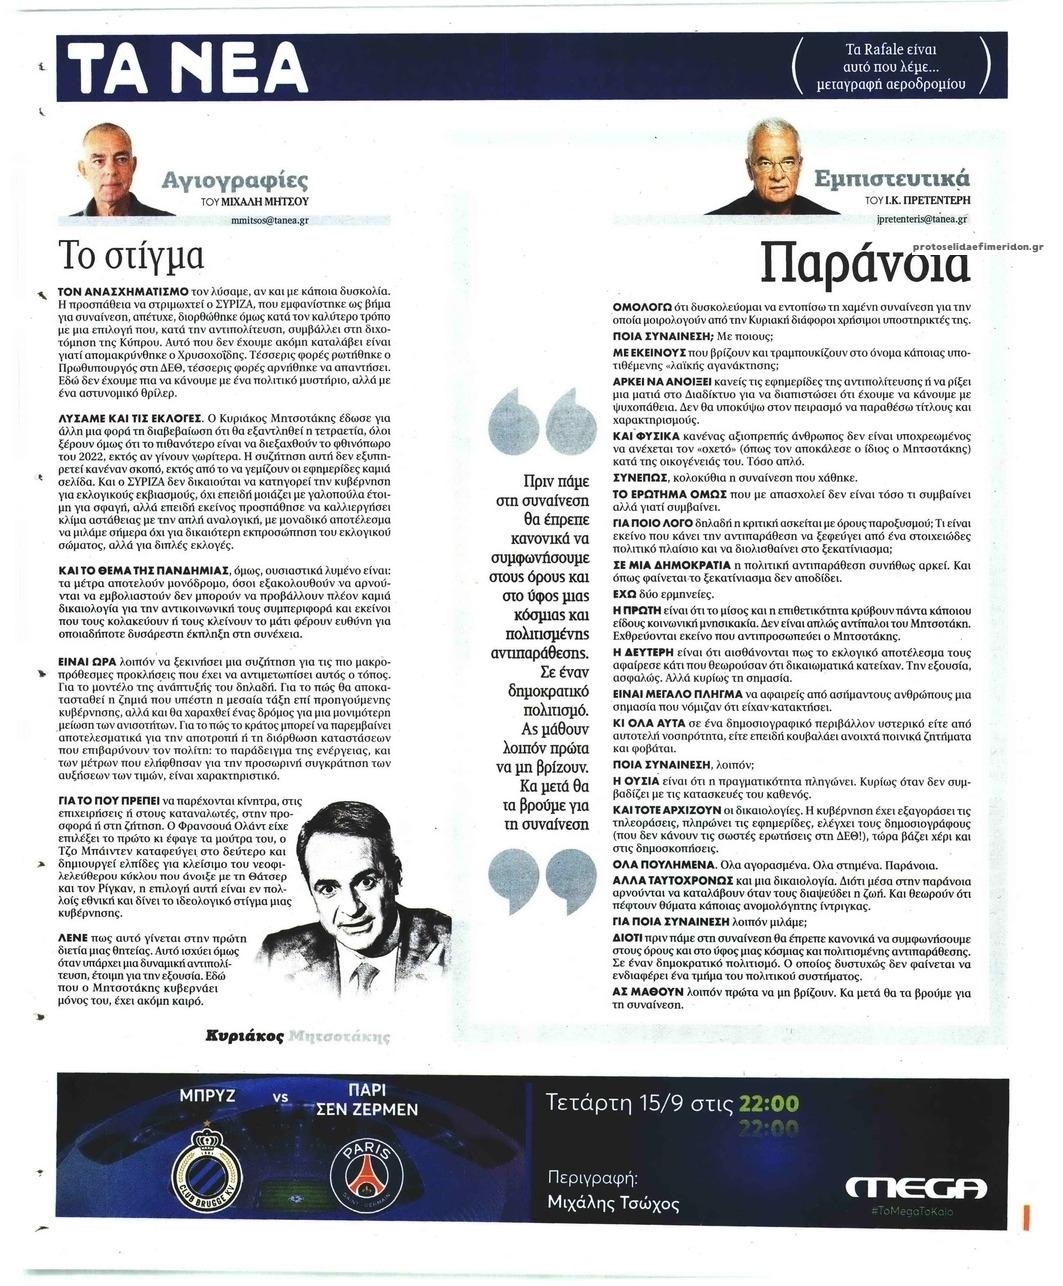 Οπισθόφυλλο εφημερίδας Τα Νέα